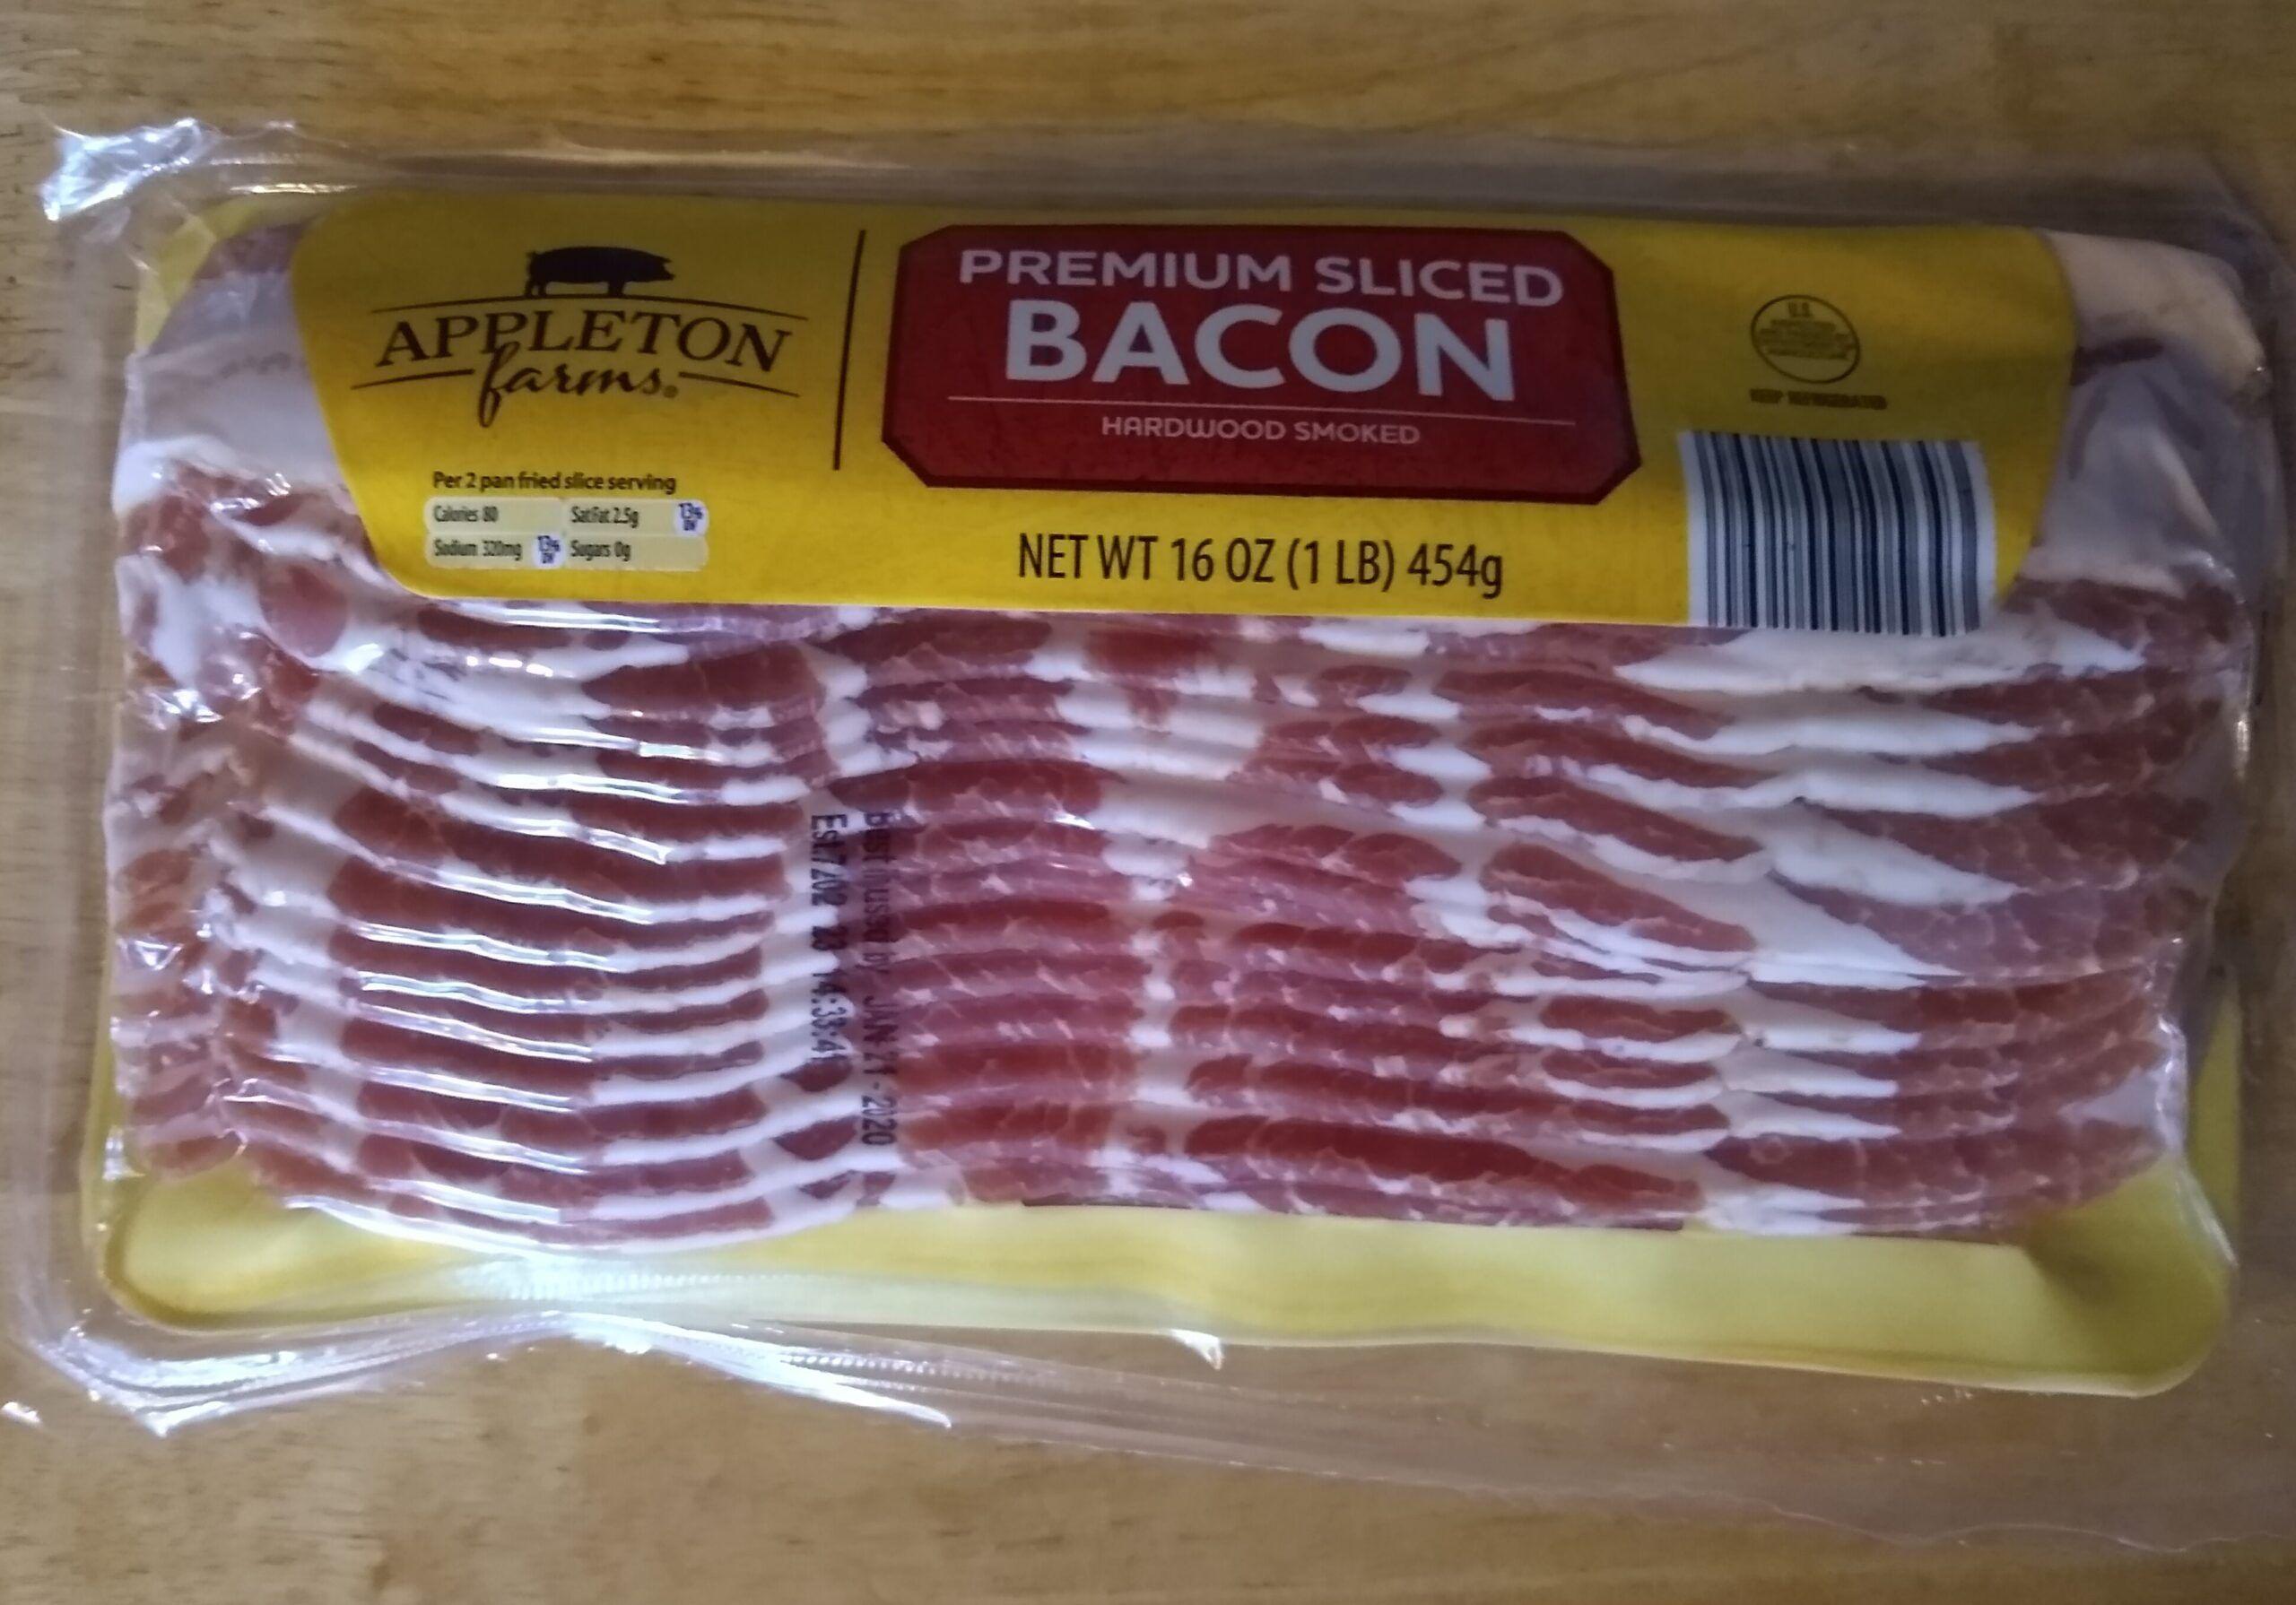 Appleton Farms Premium Sliced Bacon Bacon, Air fry bacon